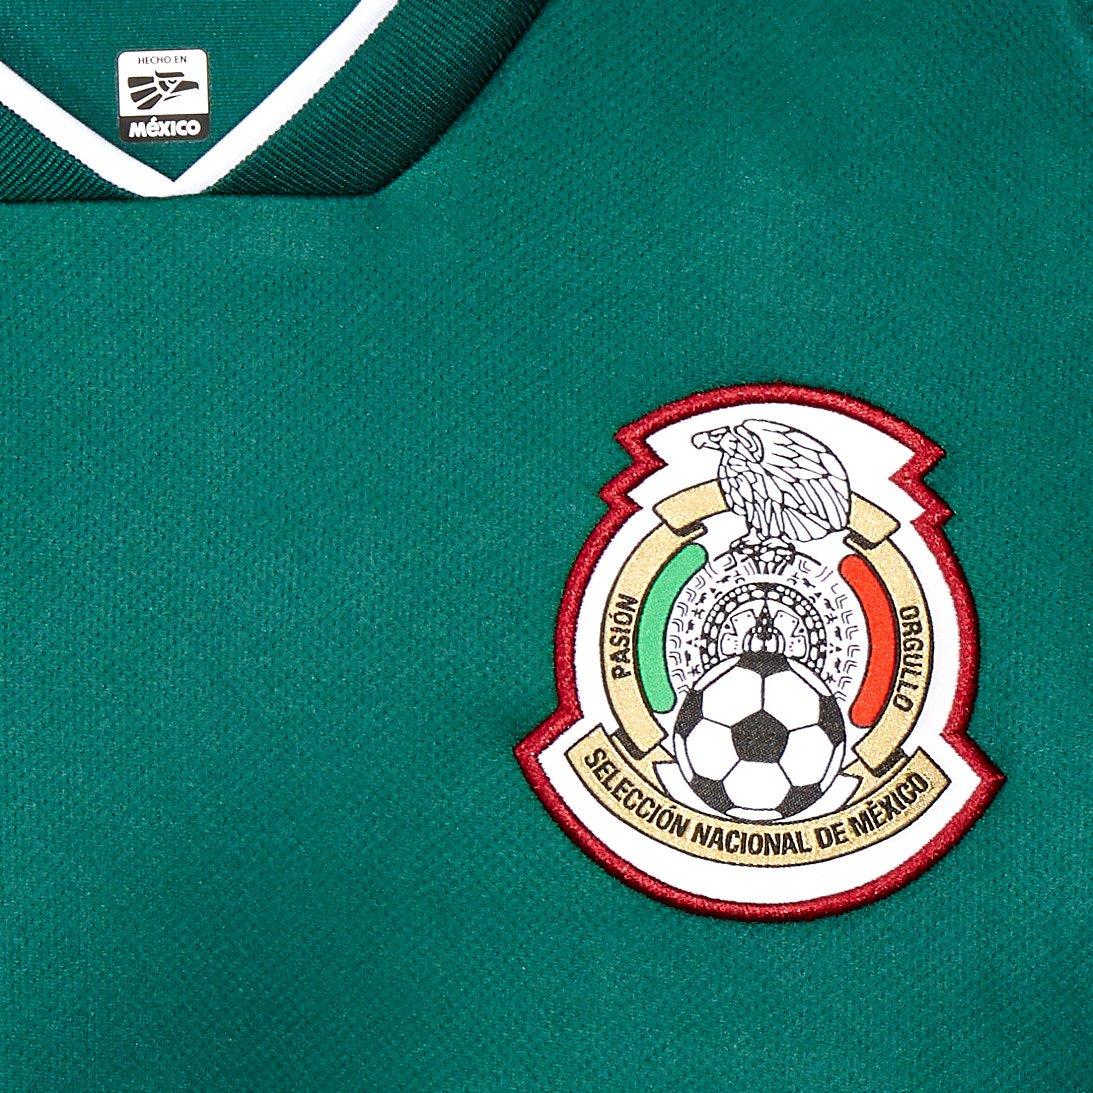 Jersey Oficial Selección de México Local para Hombre  Amazon.com.mx   Deportes y Aire Libre de49e2db193b7